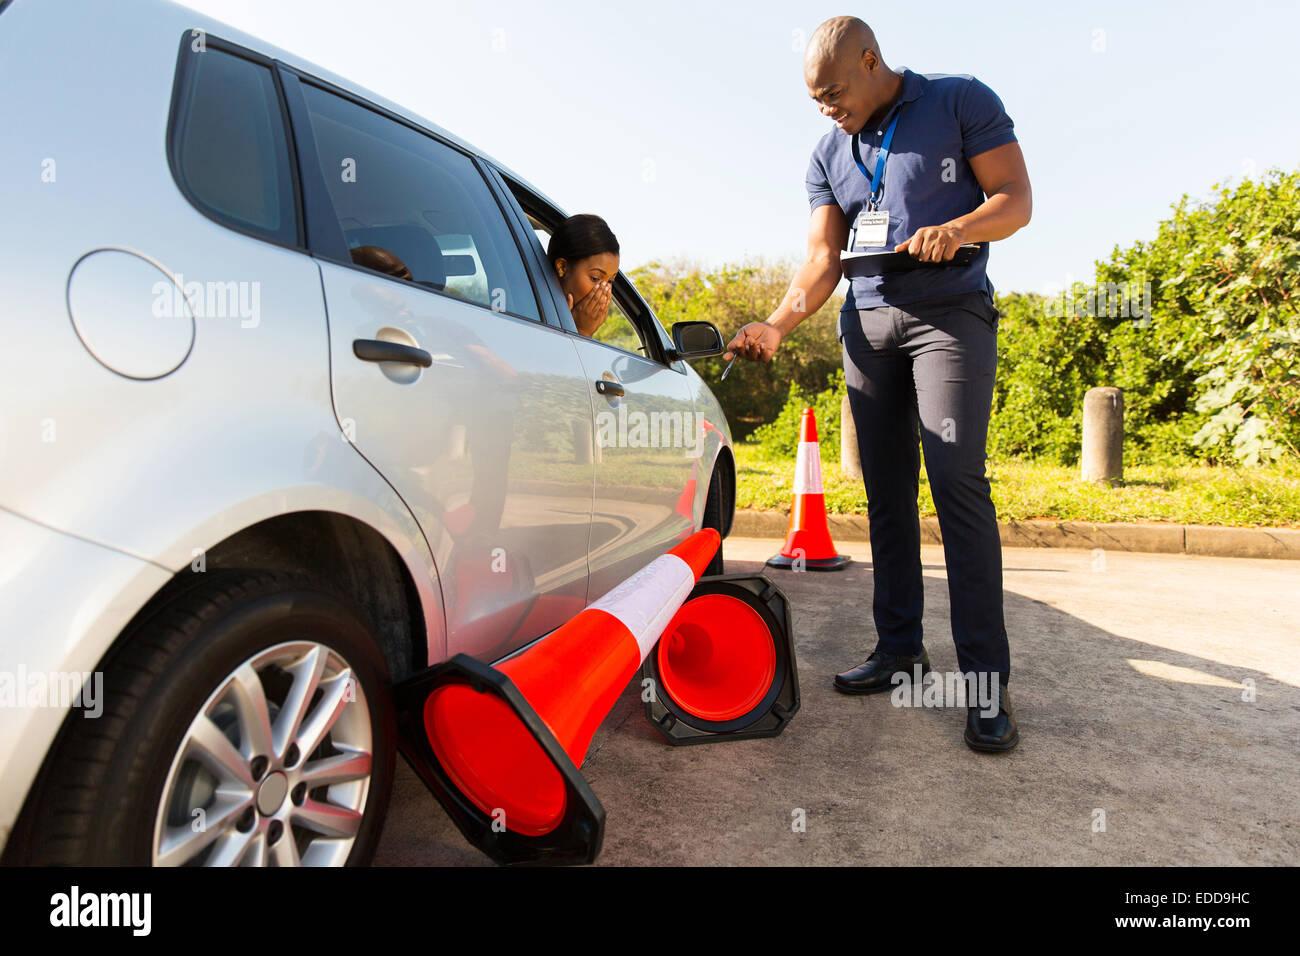 Student-Fahrer machen Fehler bei Fahrprüfung, Leitkegel überfahren Stockbild